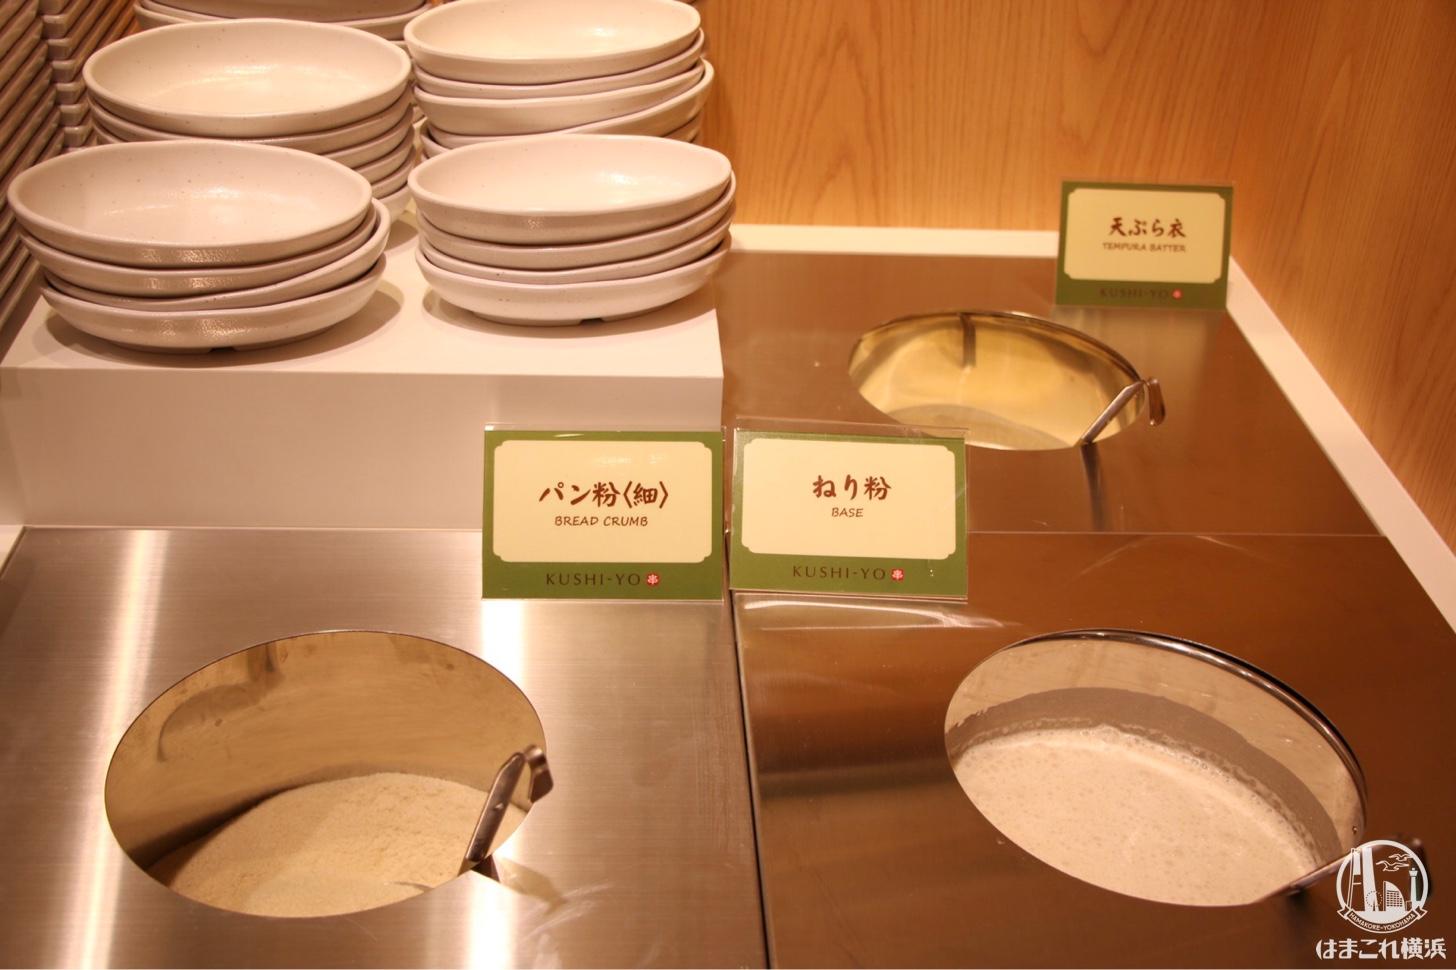 パン粉、練り粉、天ぷら衣